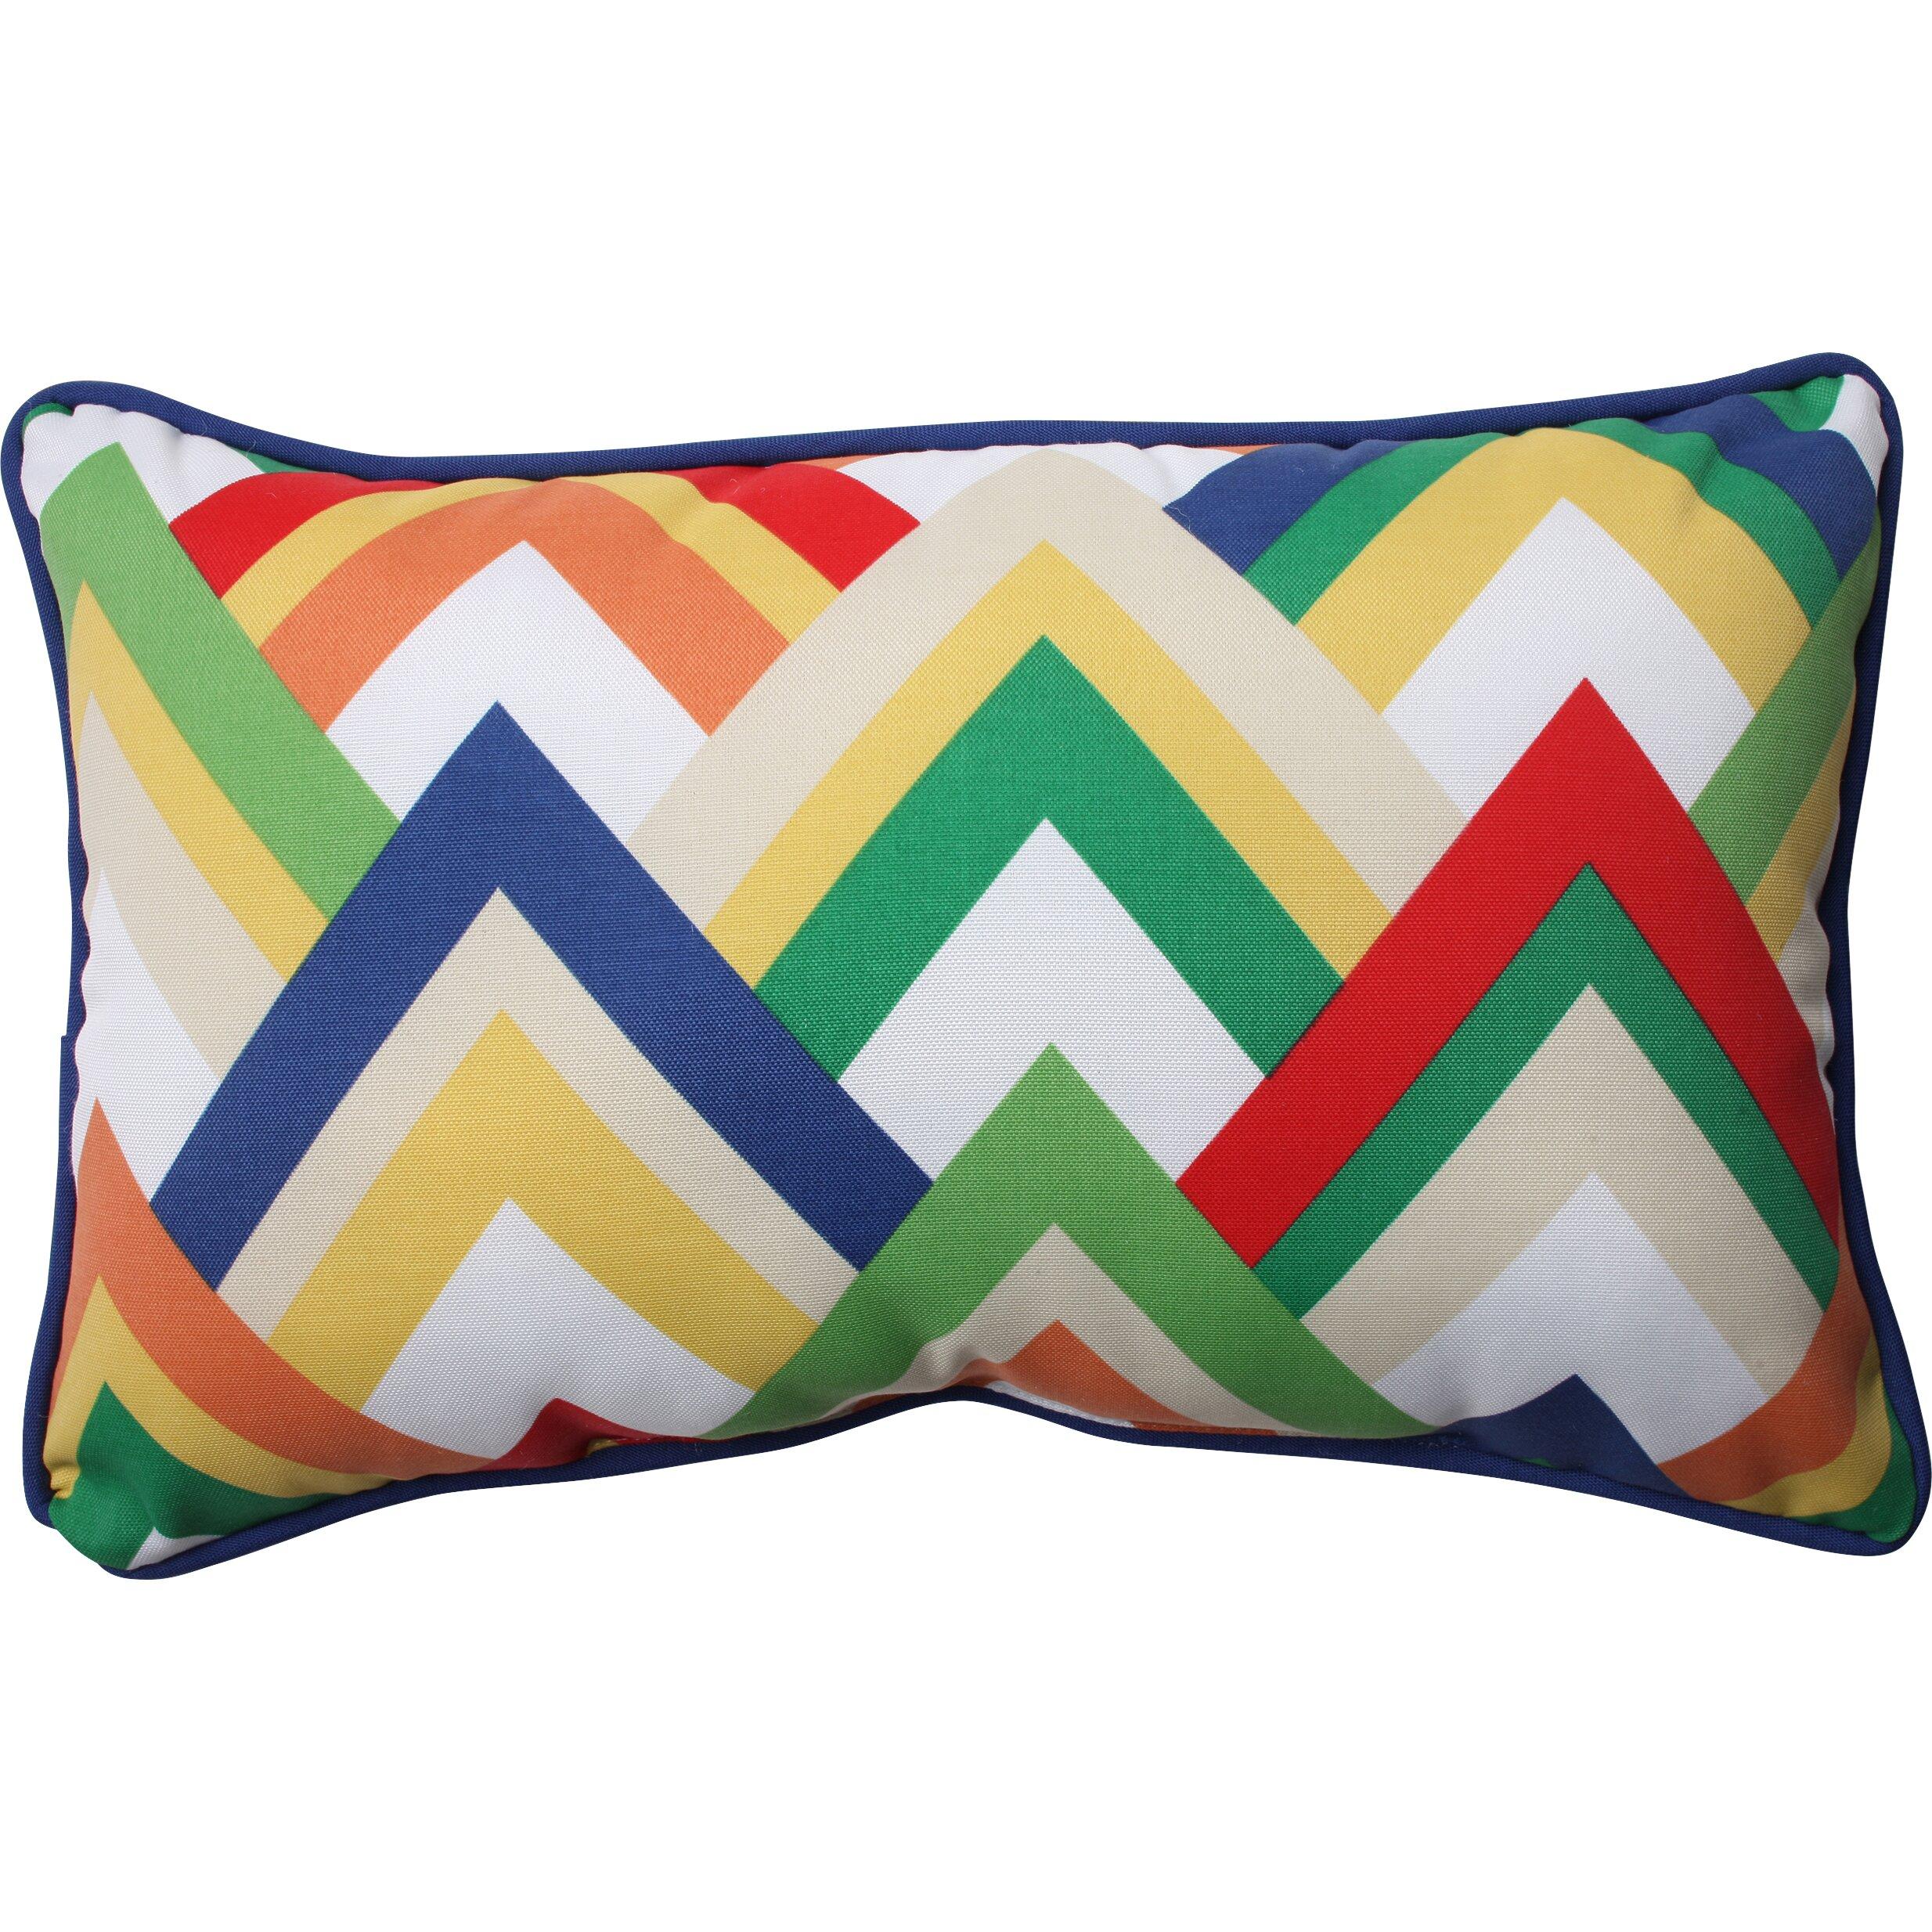 Pillow Perfect Indoor/Outdoor Throw Pillow & Reviews Wayfair